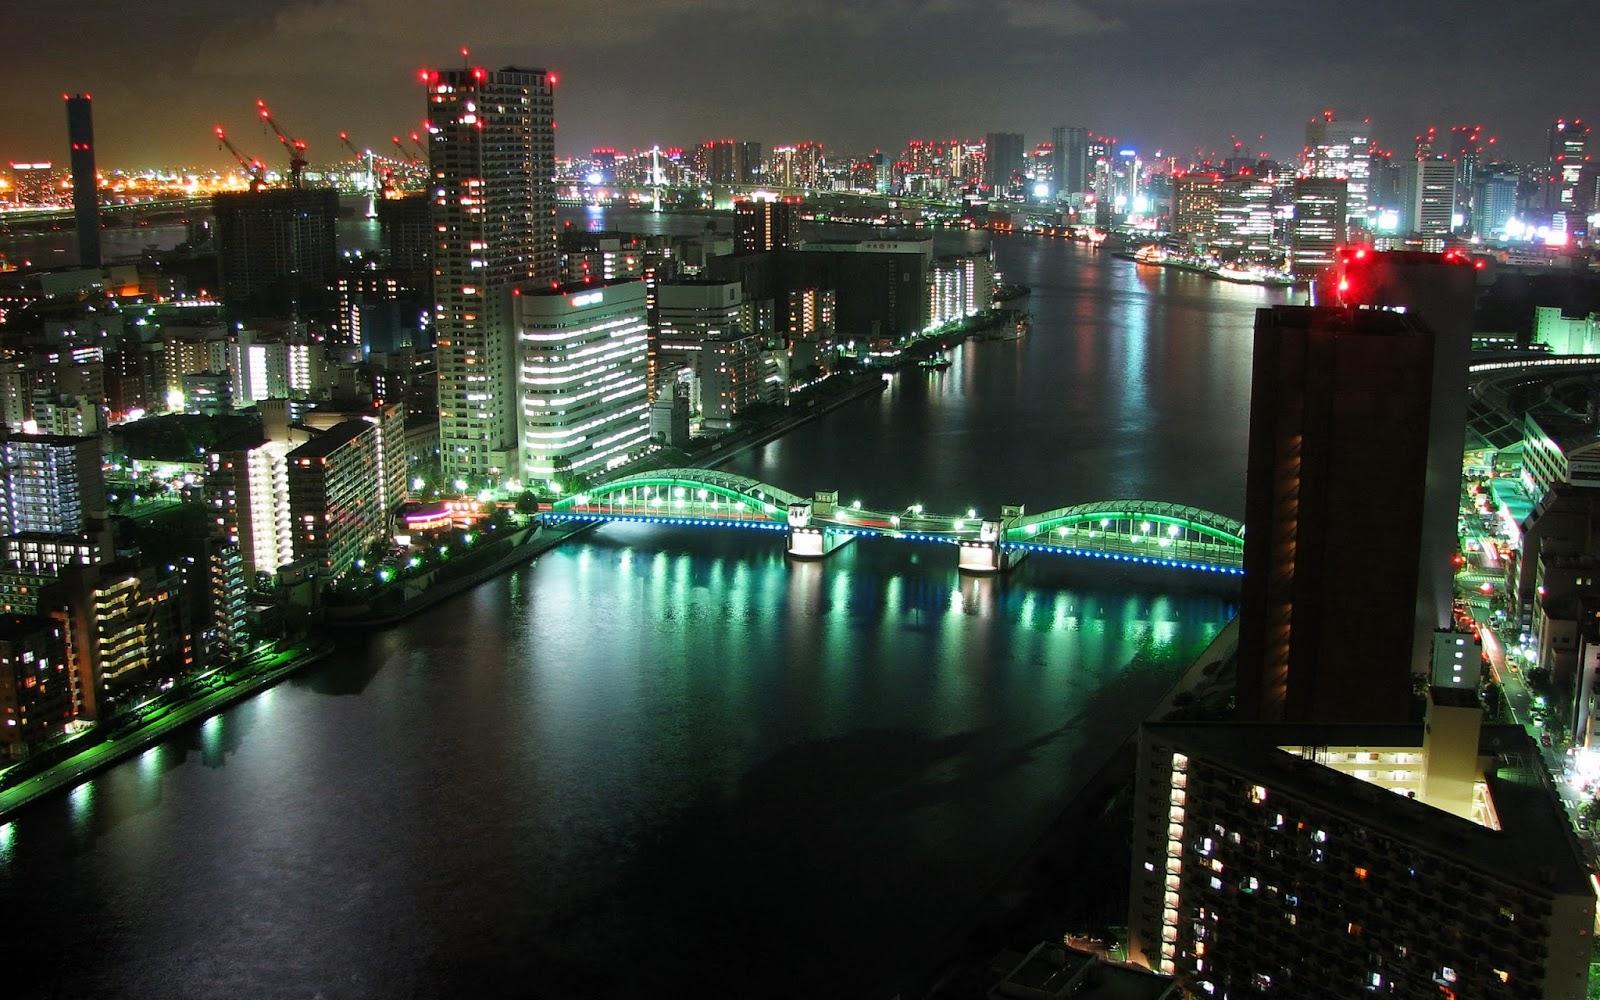 """<img src=""""http://1.bp.blogspot.com/-j0a2GsUzNEA/UukoA3pGepI/AAAAAAAAKoE/P8TOB_E5Dq8/s1600/tokyo-panorama-wallpaper.jpg"""" alt=""""tokyo panorama wallpaper"""" />"""